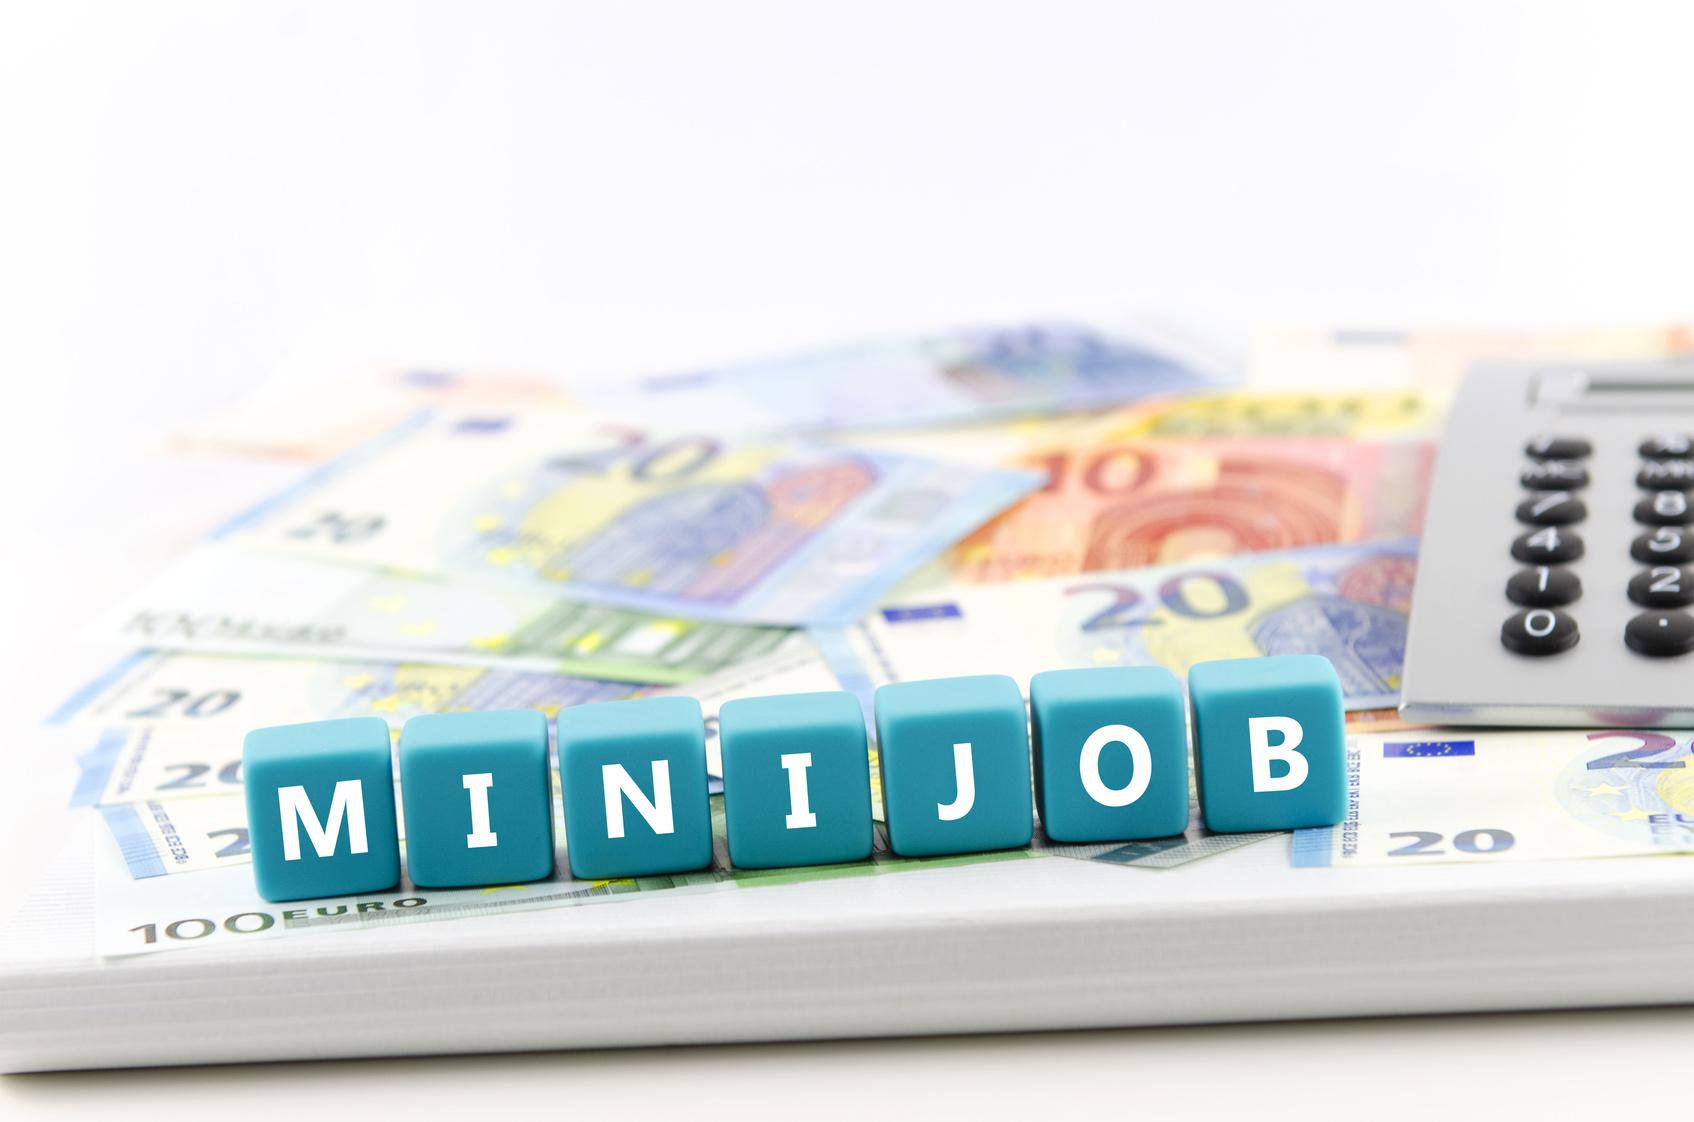 Arbeitsvertrag mit einem Minijobber / geringfügig Beschäftigten